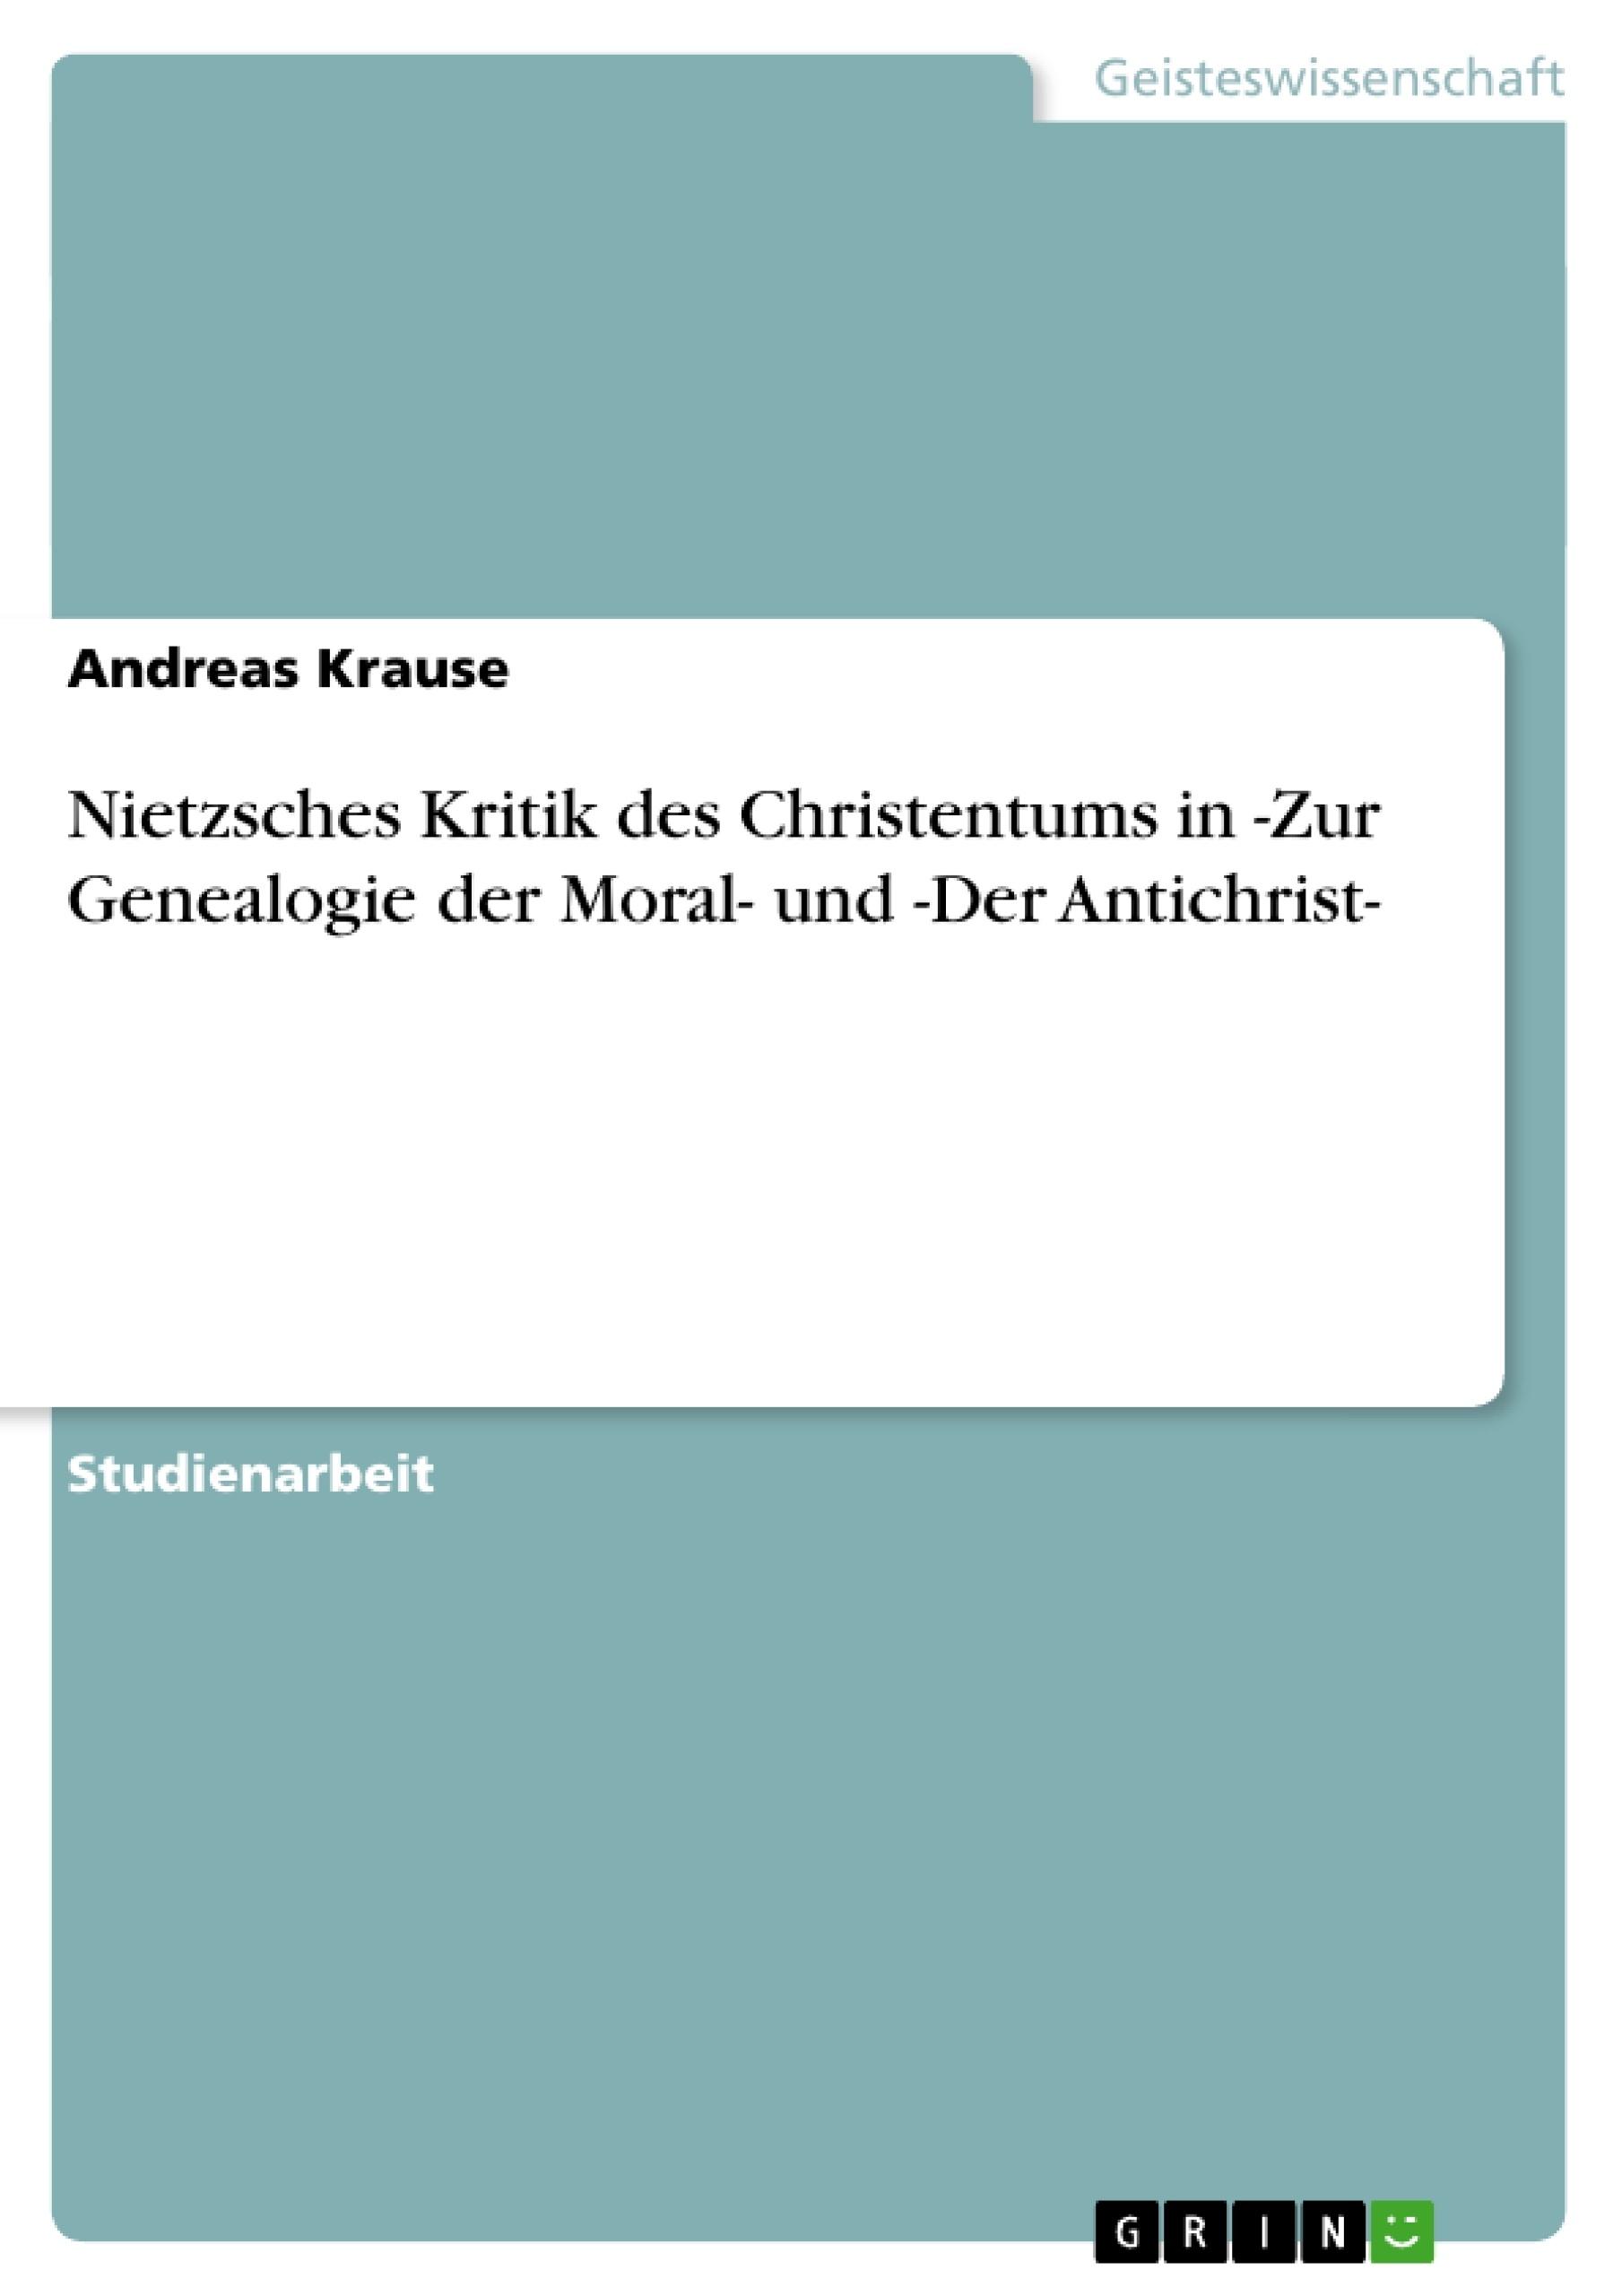 Titel: Nietzsches Kritik des Christentums in -Zur Genealogie der Moral- und -Der Antichrist-